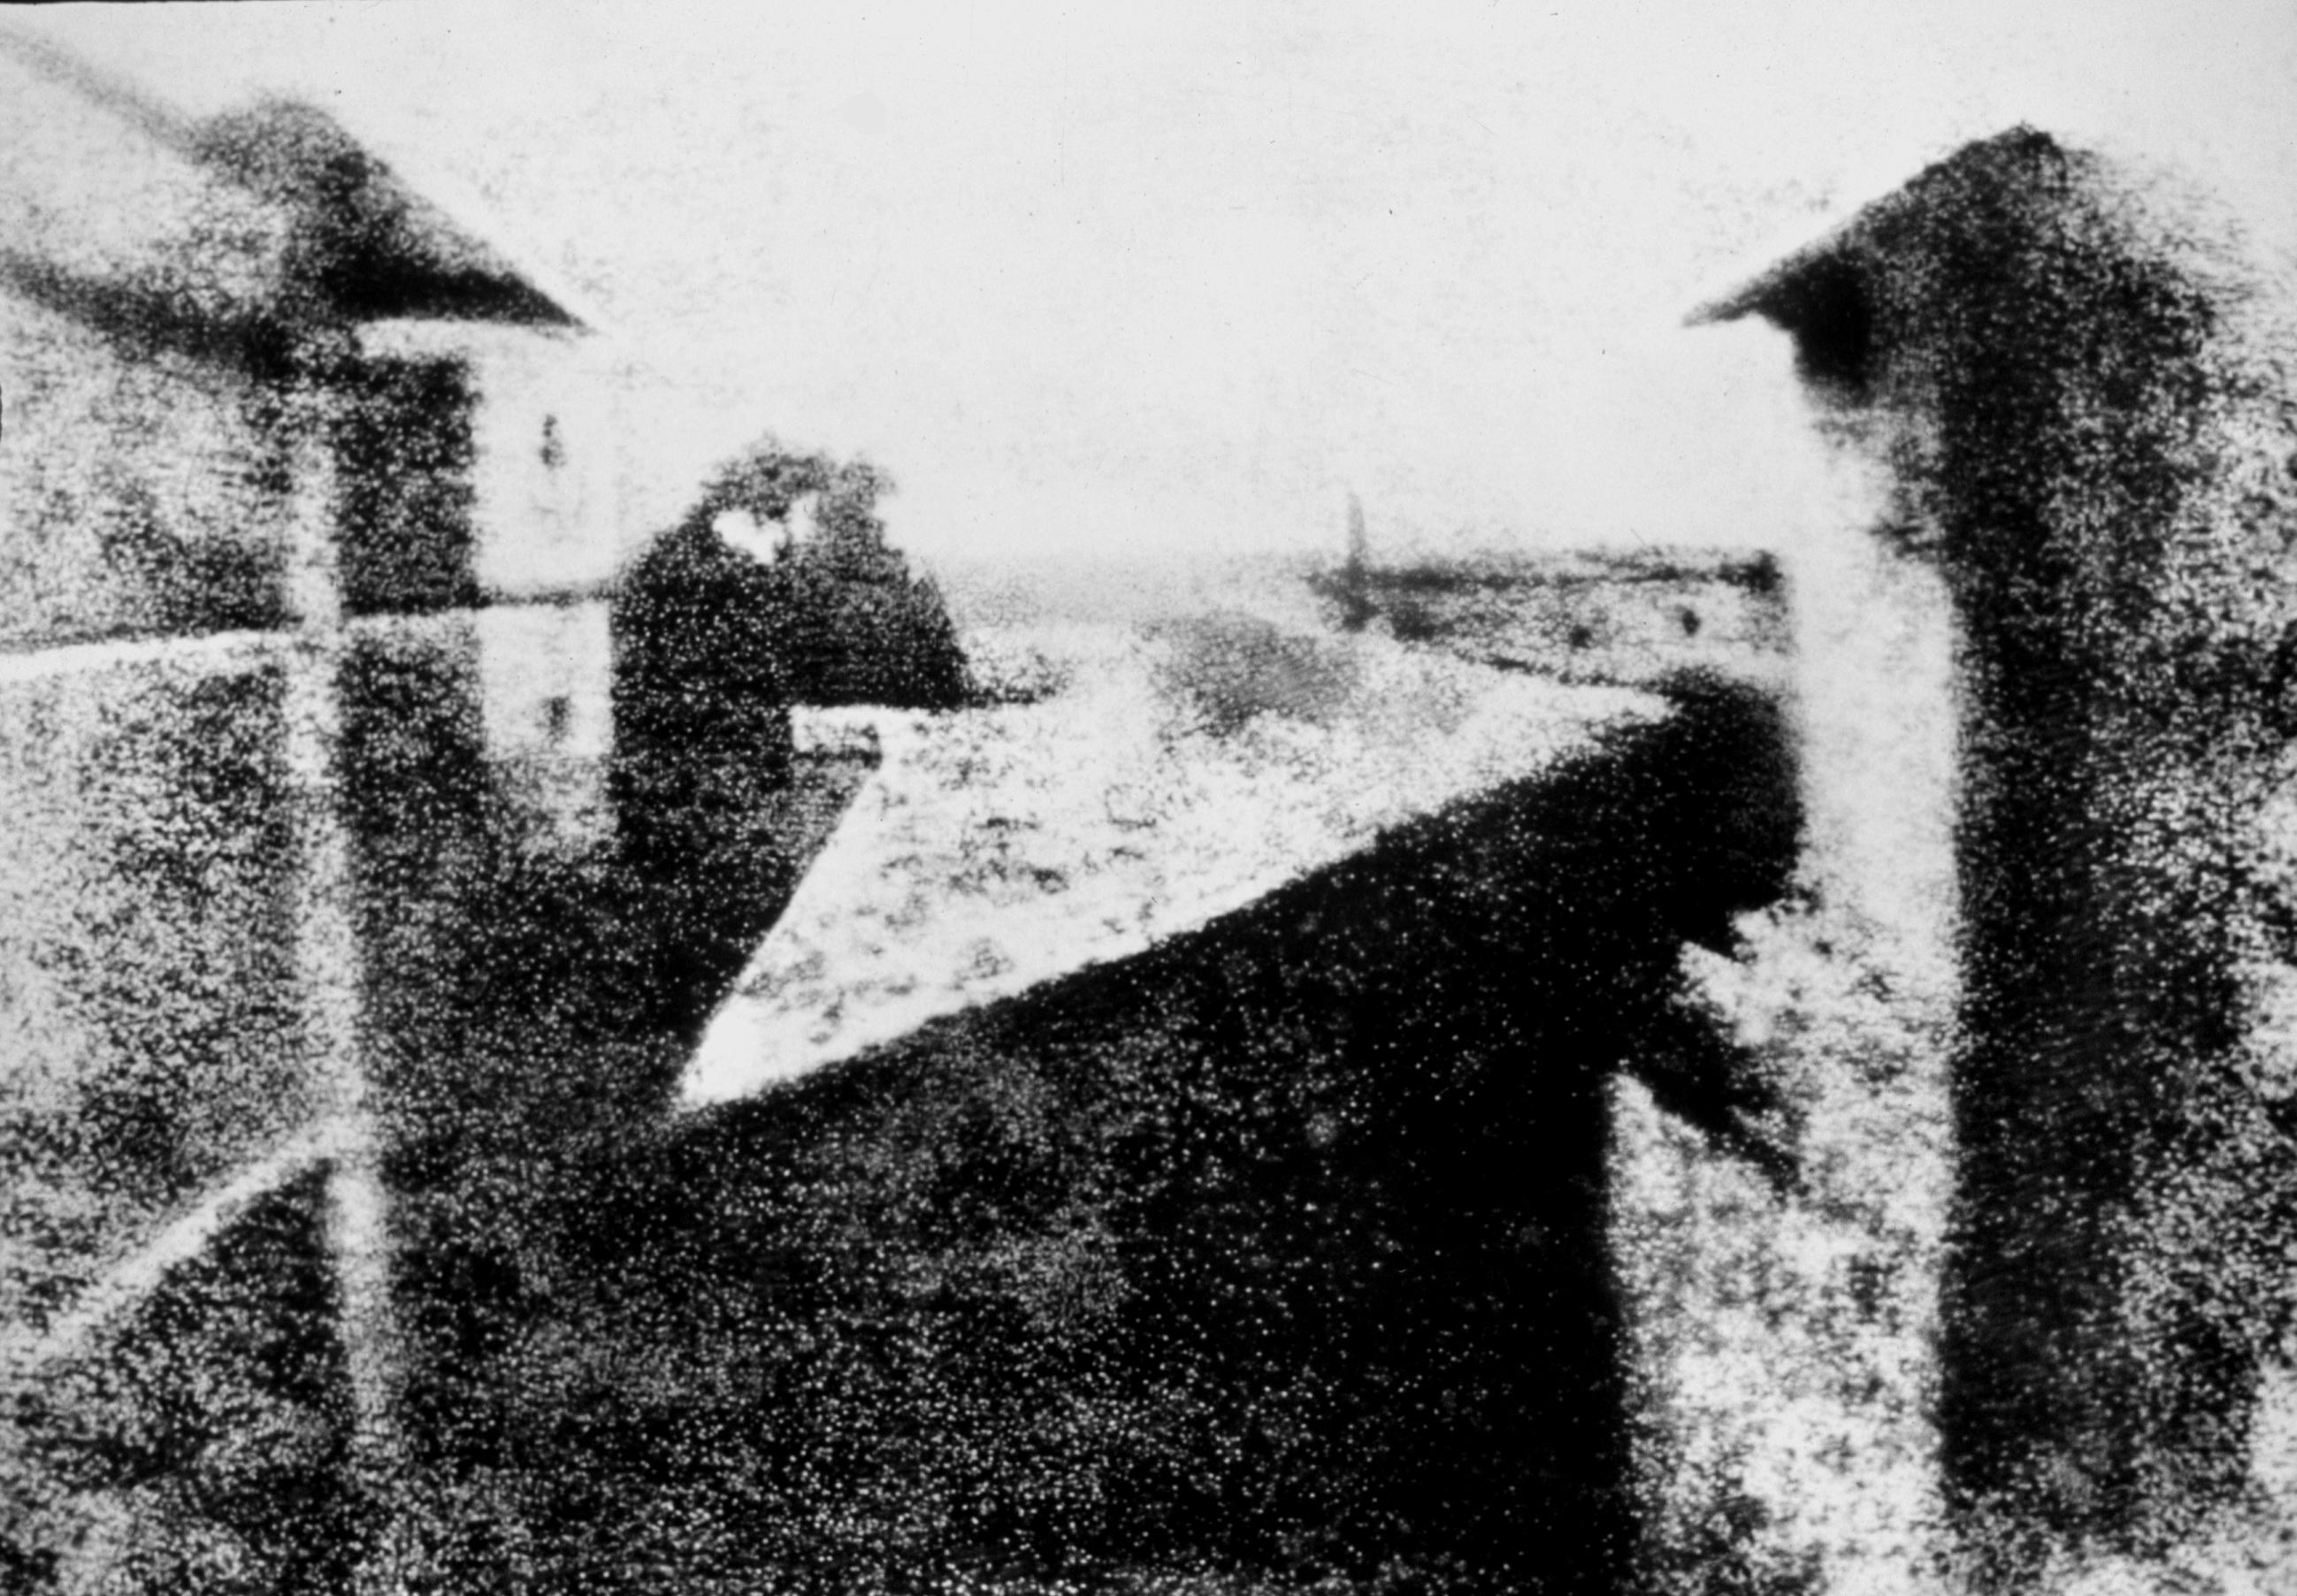 la prima foto della storia, Joseph Nicéphore Niépce, pioniere della fotografia, eliografia, bitume di Giudea, patinatura